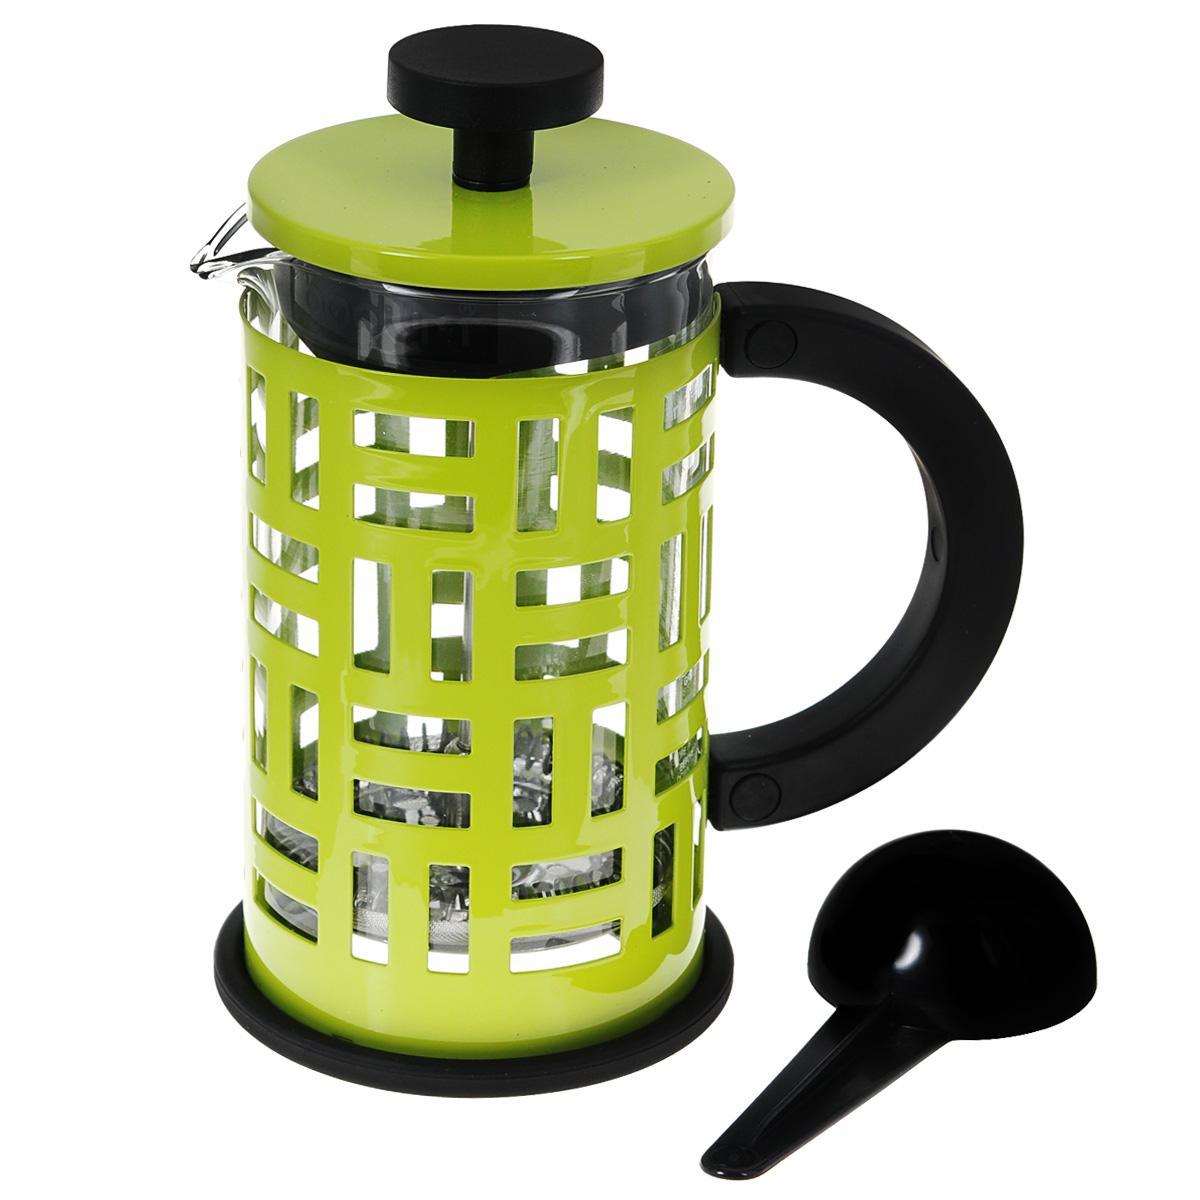 Кофейник Bodum Eileen с прессом, с ложечкой, цвет: зеленый, 0,35 л11198-Кофейник Bodum Eileen представляет собой колбу из термостойкого стекла в цельной оправе из окрашенной нержавеющей стали. Оправа защищает хрупкую колбу от толчков и ударов. Кофейник оснащен стальным фильтром french press, который позволяет легко и просто приготовить отличный напиток. Ненагревающаяся ручка кофейника выполнена из пластика. В комплекте небольшая мерная ложечка из черного пластика.Благодаря такому кофейнику приготовление вкуснейшего ароматного и крепкого кофе займет всего пару минут. Профессиональная серия Eileen была задумана и создана в честь великого архитектора и дизайнера - Эйлин Грей (Eileen Gray). При создании серии были особо учтены соображения функционального удобства. Стильный внешний вид и практичность в использовании сделали Eileen чрезвычайно востребованной серией. Объем: 0,35 л.Диаметр кофейника по верхнему краю: 7 см.Высота стенки кофейника: 13,5 см.Длина ложечки: 10 см.